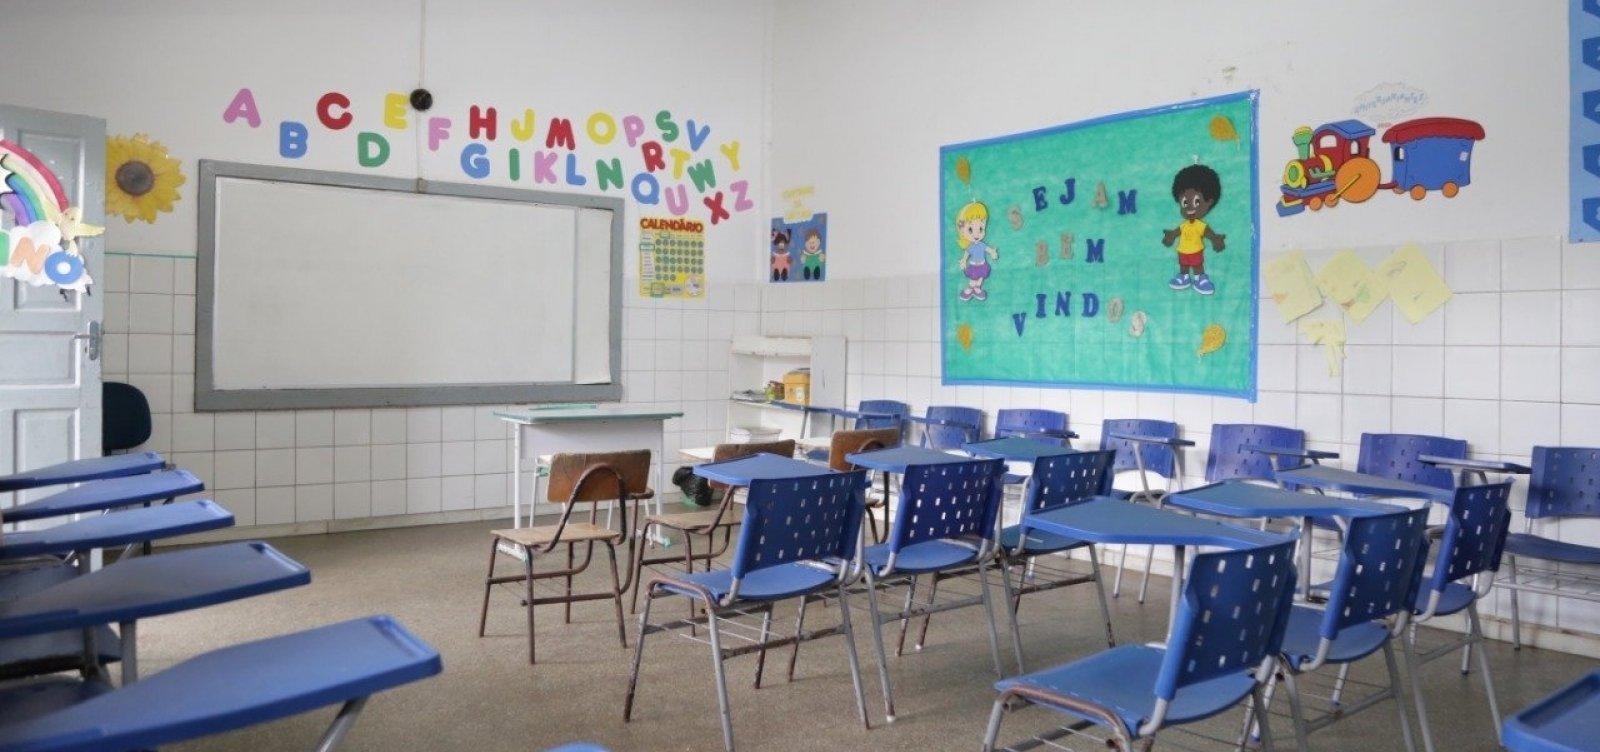 Após pais indicarem insegurança, Itabuna prorroga volta às aulas presenciais na rede municipal de ensino